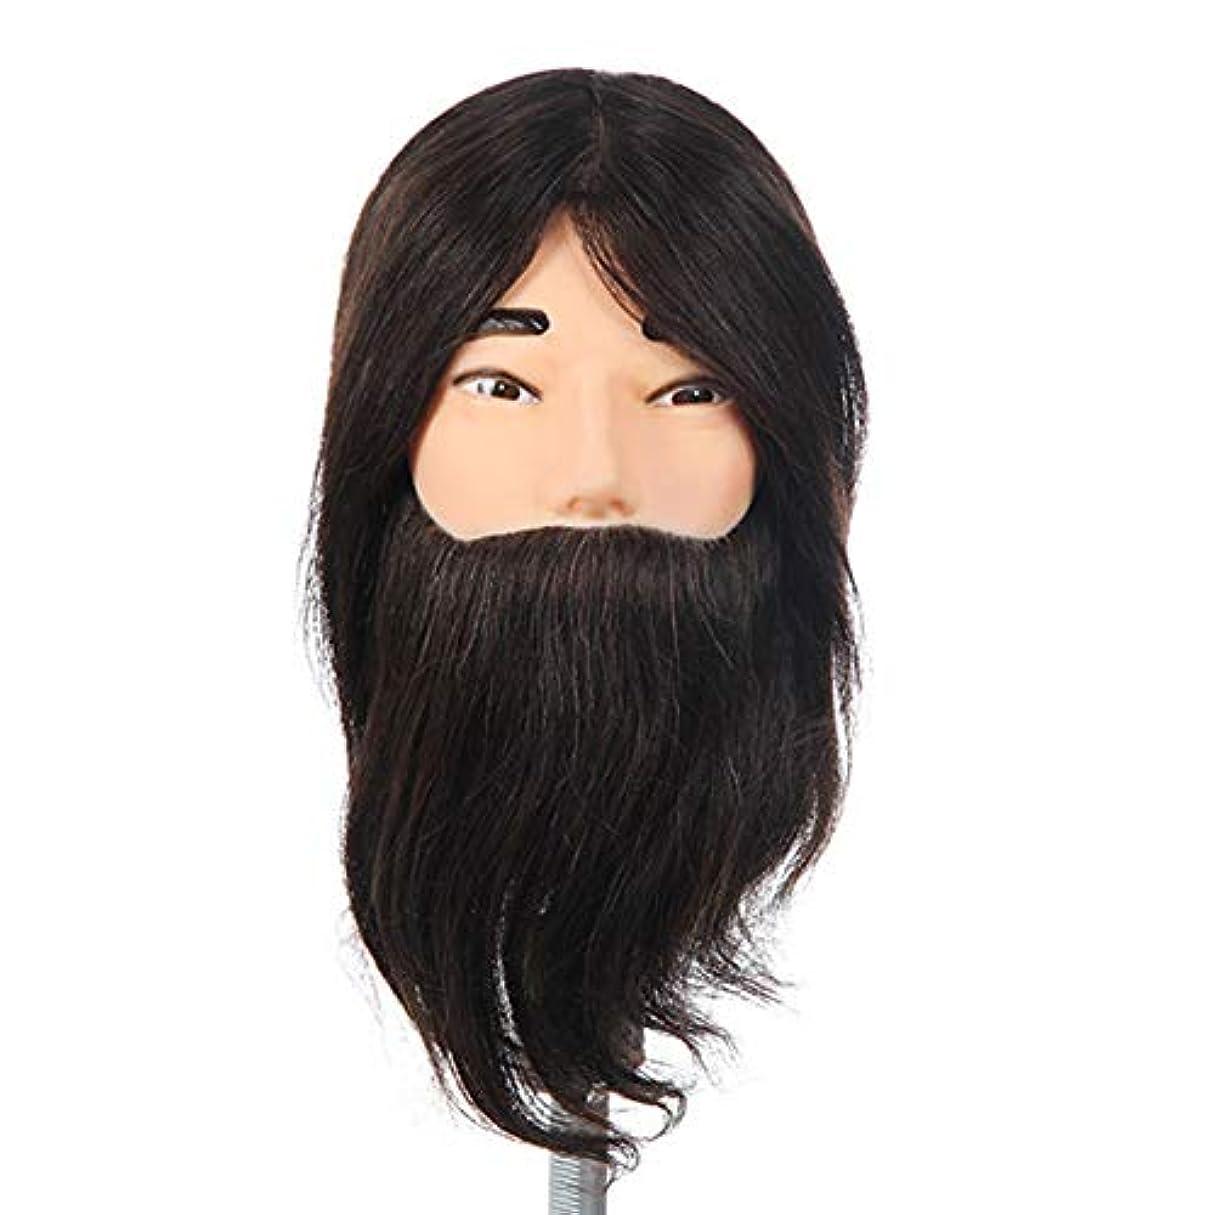 近くこだわり繰り返した男性の本物の髪ショートヘアダミーヘッド理髪店トリミングひげヘアカットの練習マネキン理髪学校専用のトレーニングヘッド